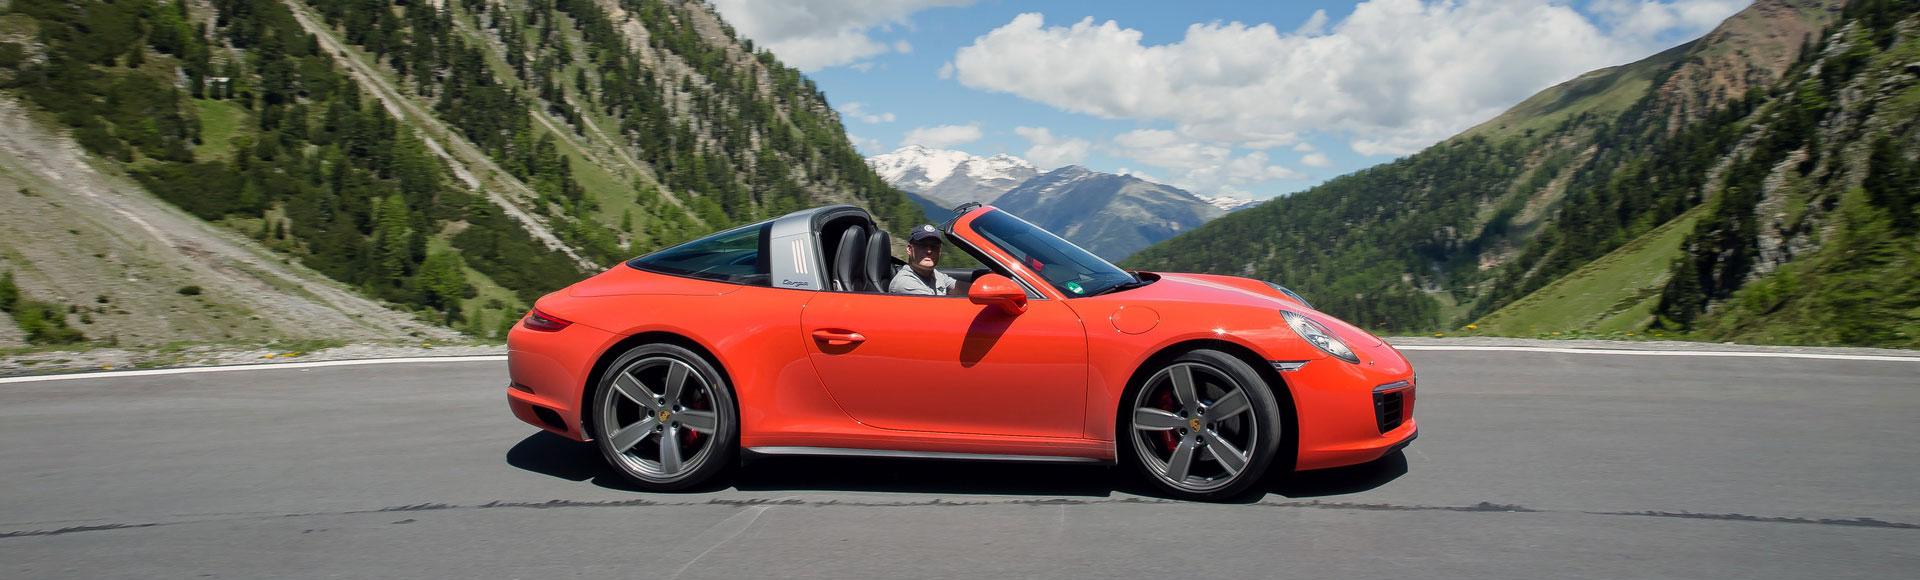 Porsche 911 991 4S Targa 2016 0934 Sommer